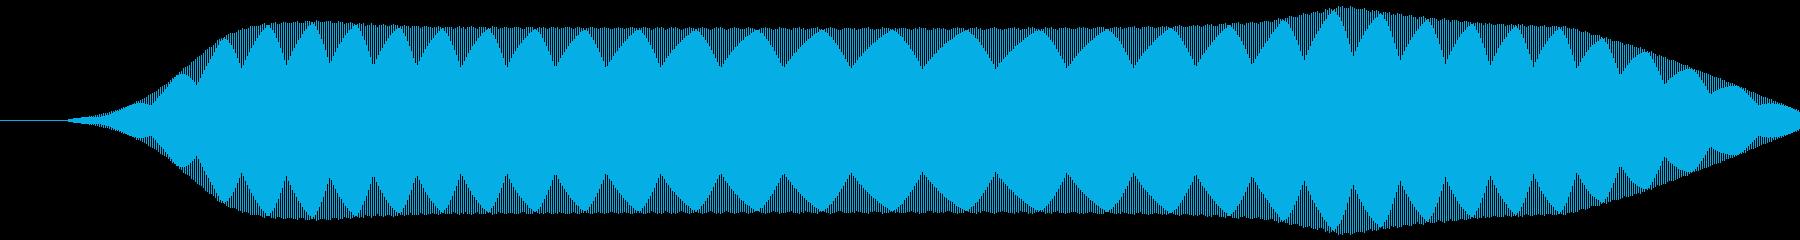 リモコン(スイッチボタン 電子音)ピッ②の再生済みの波形